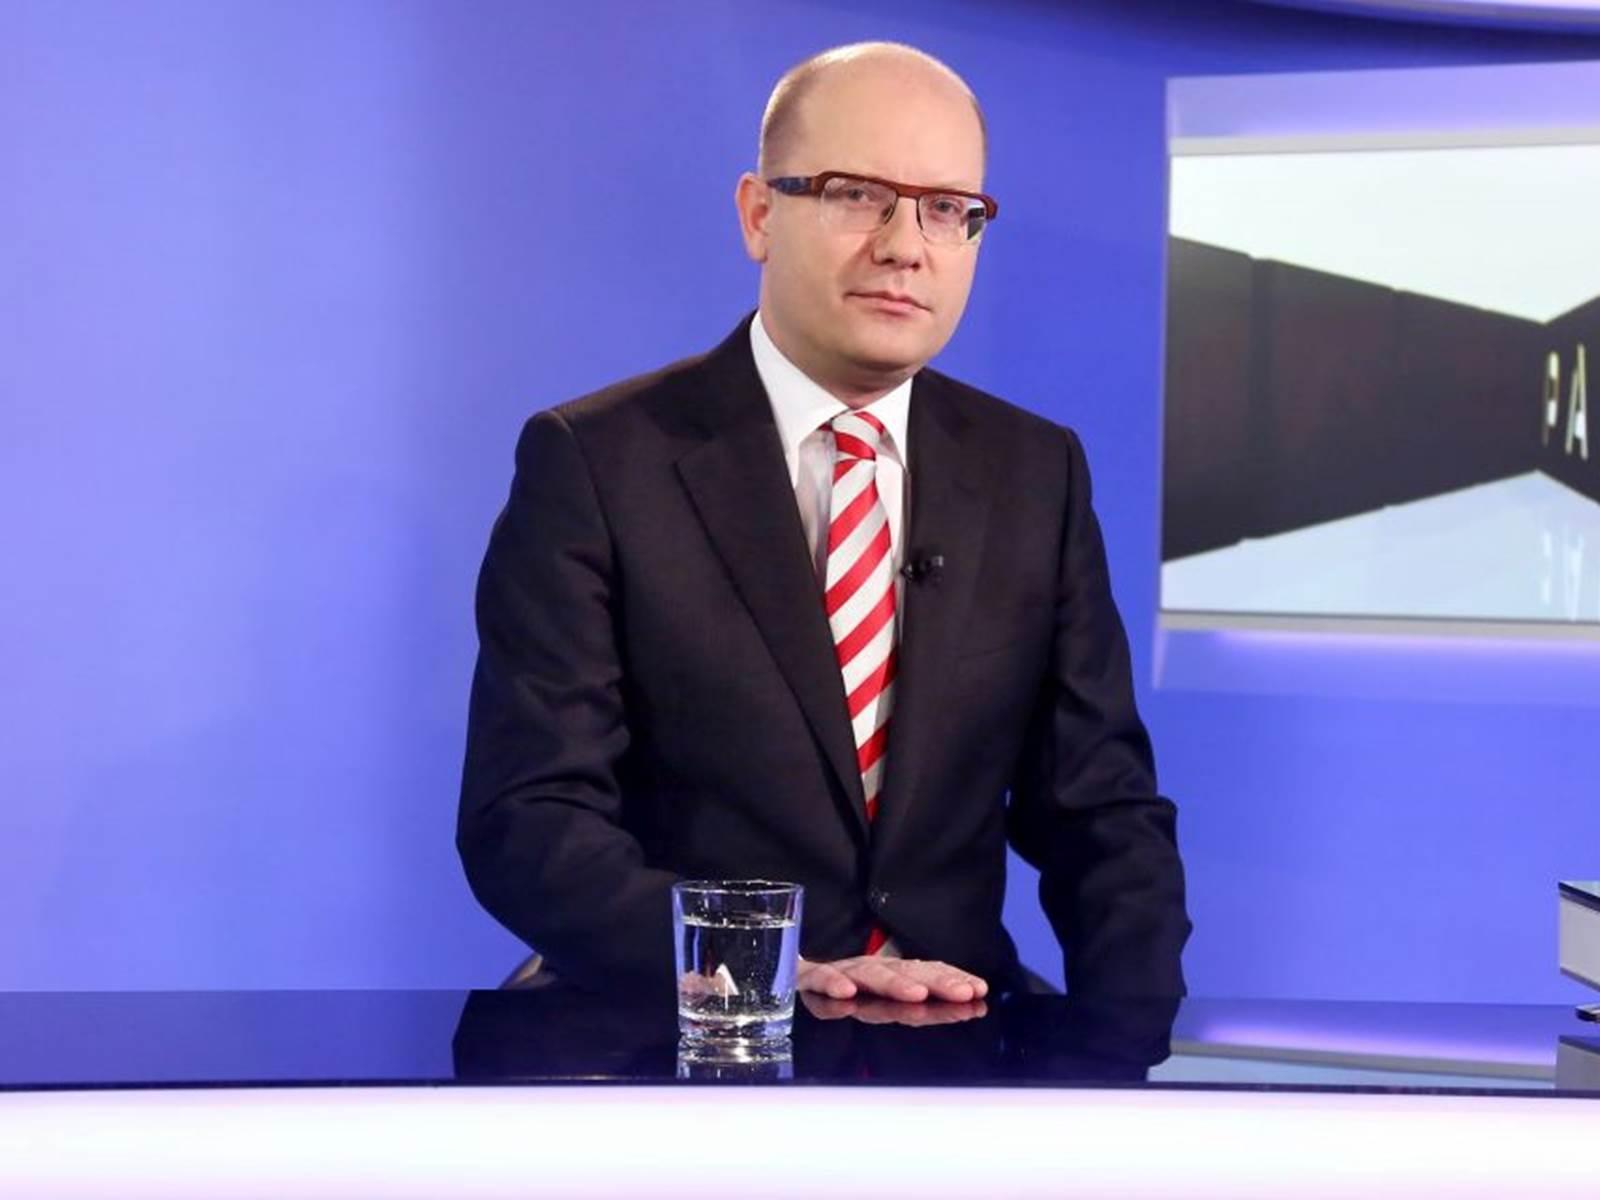 Z této zprávy se Sobotka možná orosí: Na ČSSD se snáší dravec ... - ParlamentníListy.cz